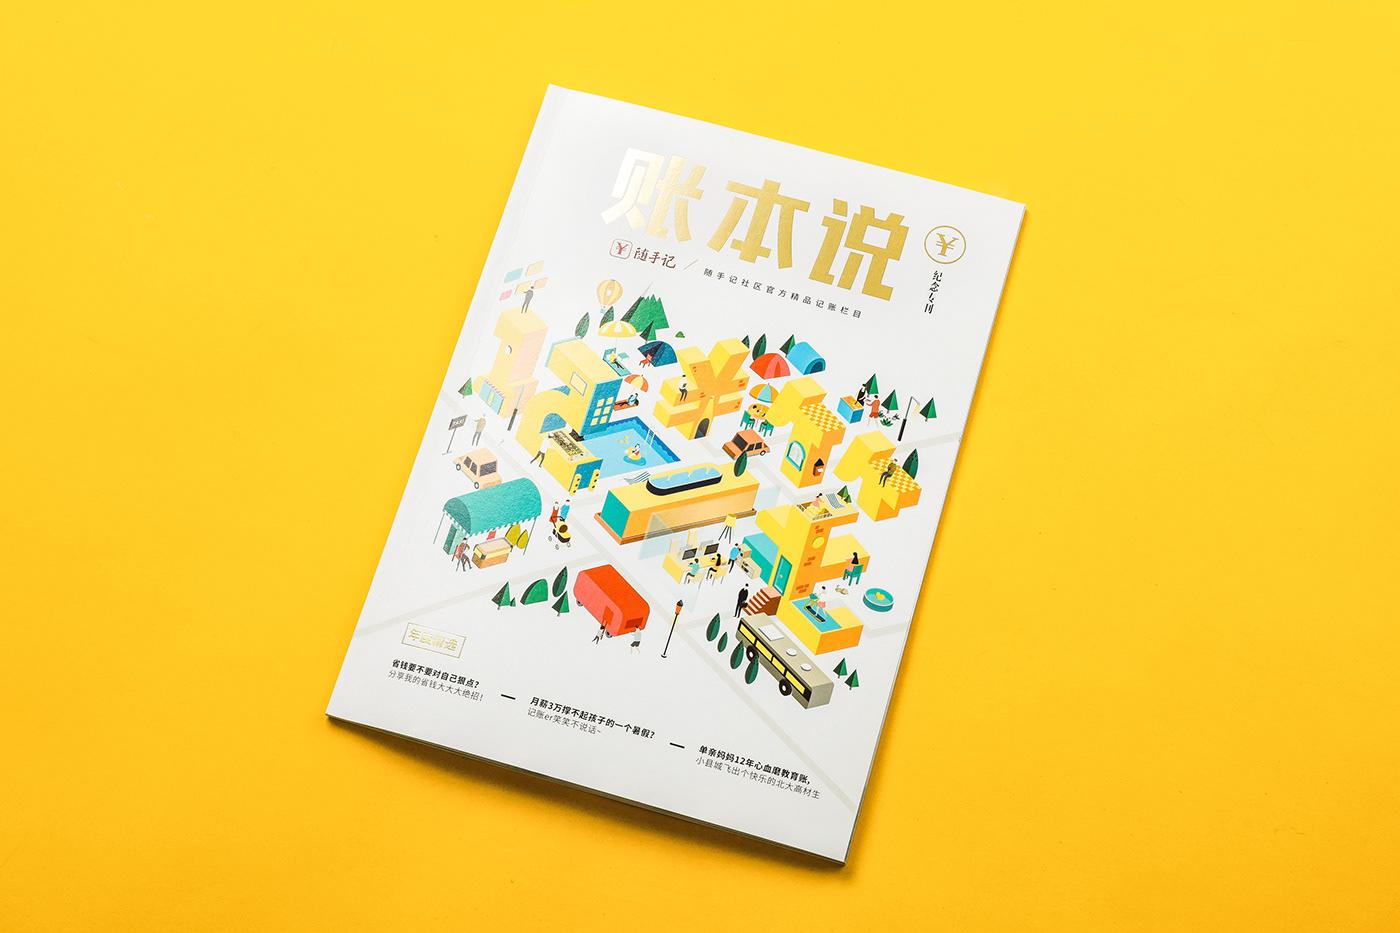 画册设计公司精选:专业画册设计案例